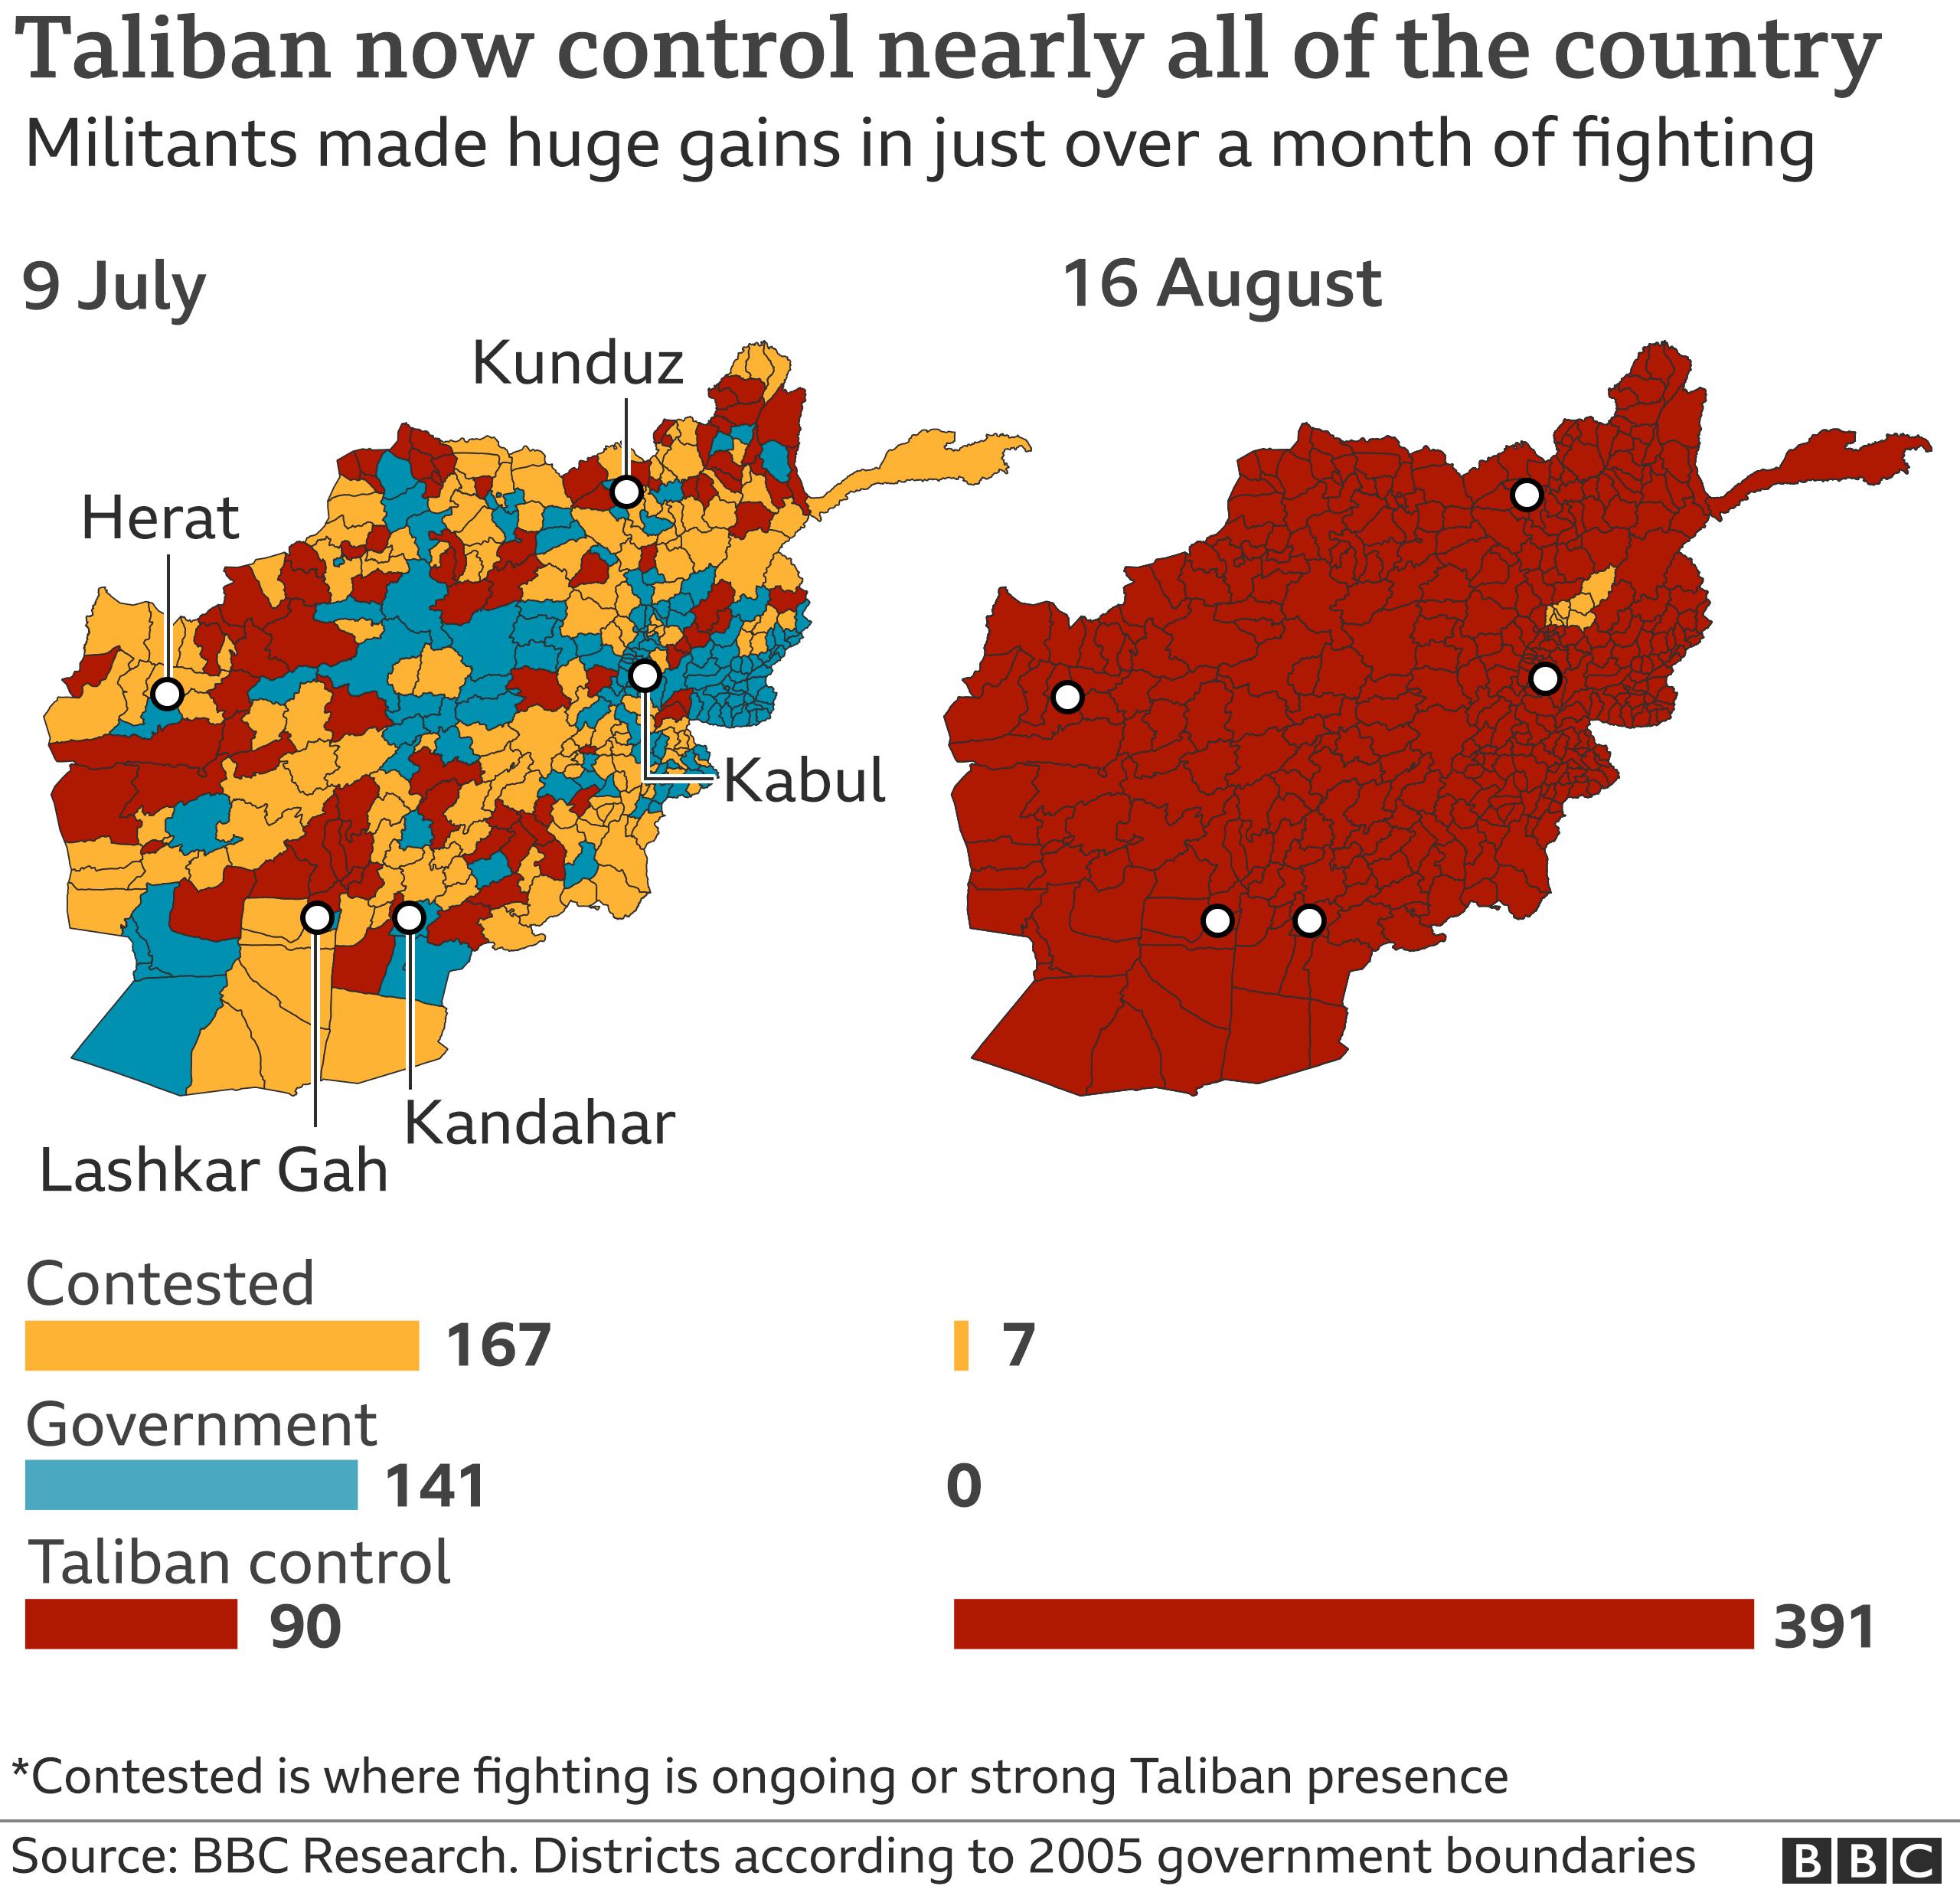 Χάρτης που δείχνει πόσες περιοχές ελέγχουν οι Ταλιμπάν τον περασμένο μήνα σε σύγκριση με τώρα